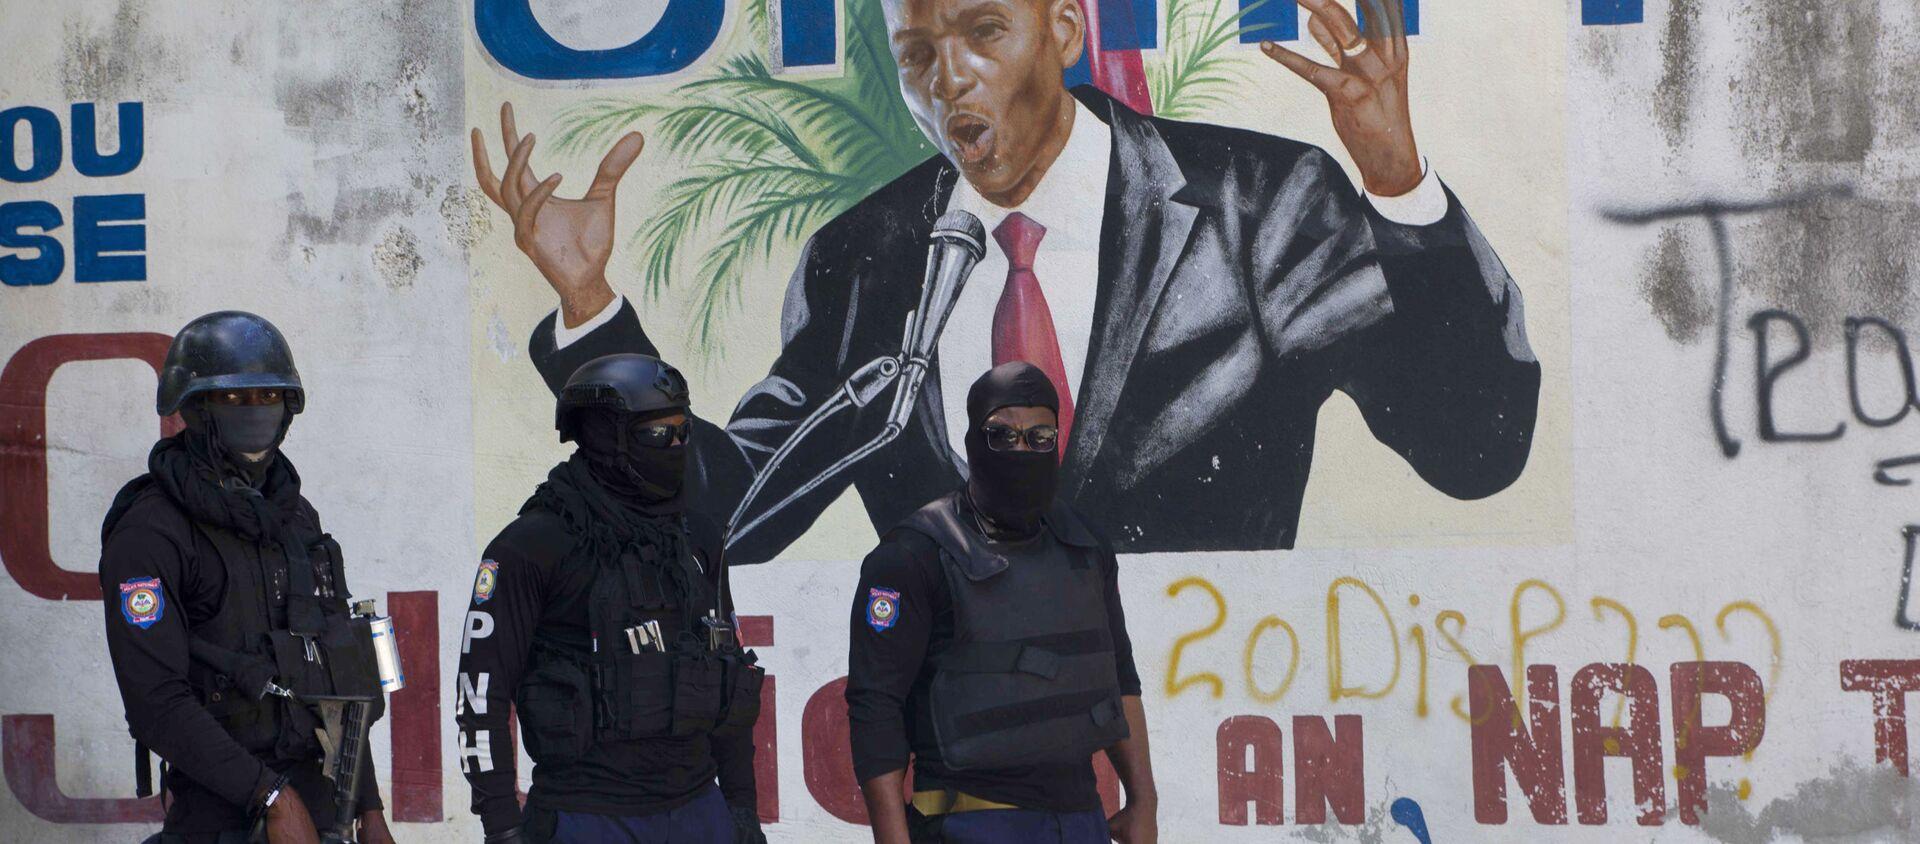 Cảnh sát đứng gần bức tranh tường có hình Tổng thống Haiti Jovenel Moise, gần tư dinh của nhà lãnh đạo nơi ông bị giết bởi các tay súng vào sáng sớm ở Port-au-Prince, Haiti, Thứ Tư, ngày 7 tháng 7 năm 2021. - Sputnik Việt Nam, 1920, 08.07.2021